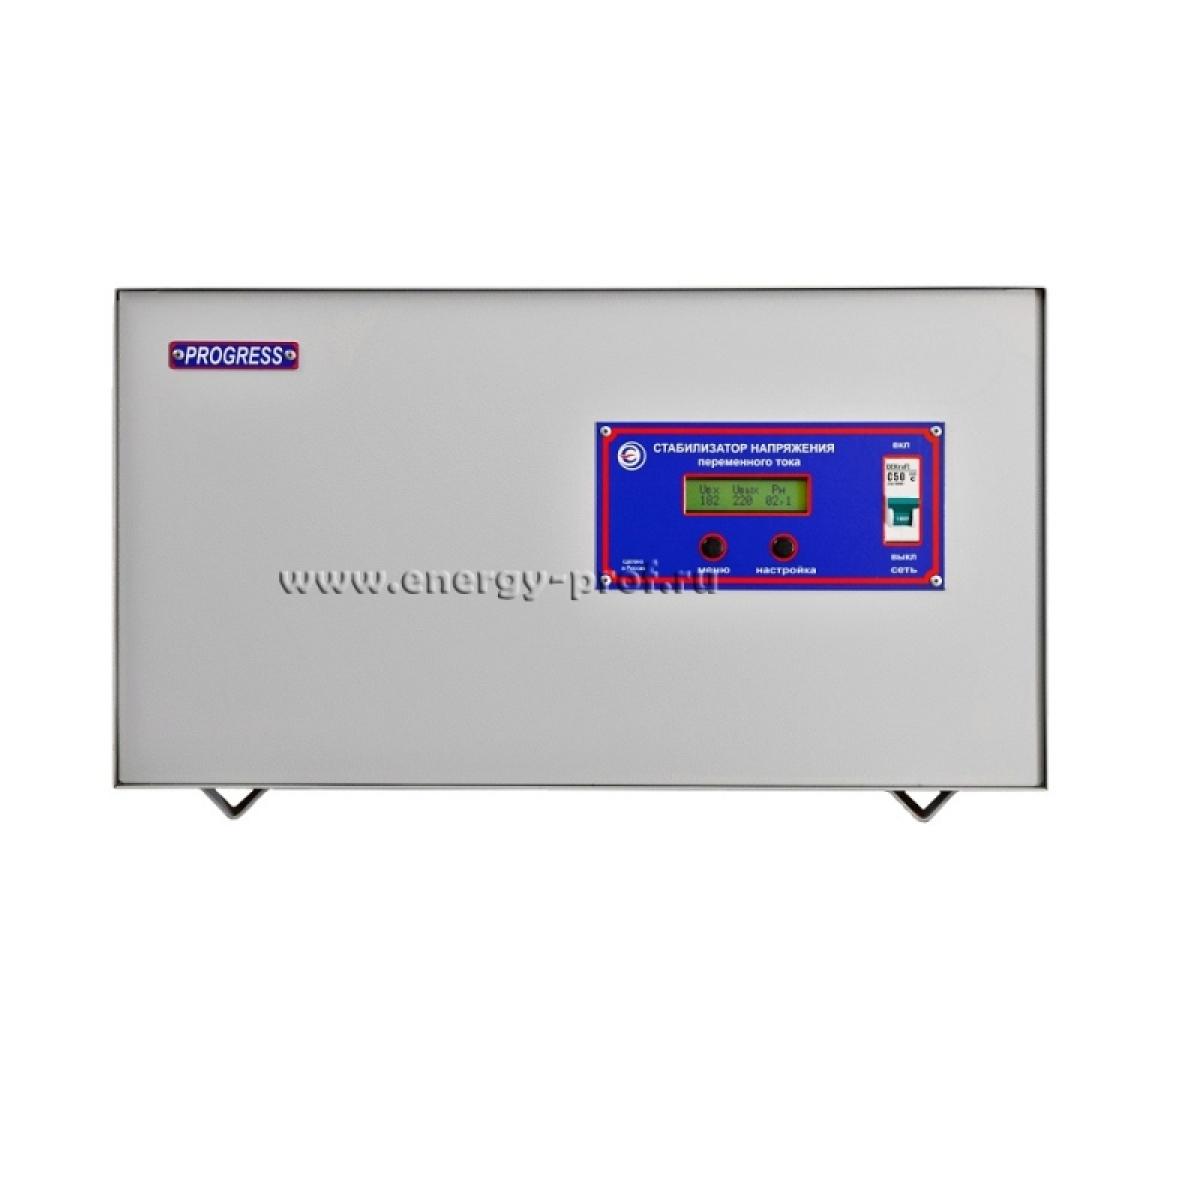 Однофазный стабилизатор PROGRESS 5000SL-20, вид спереди